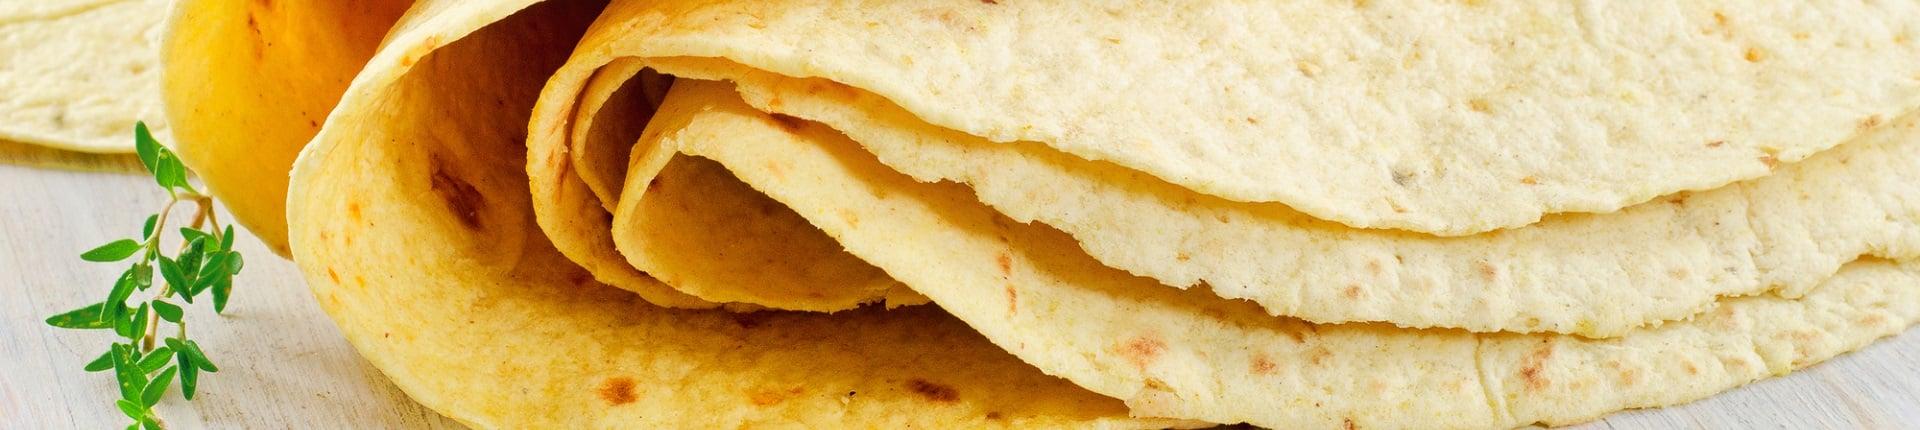 Jakie placki do tortilli wybrać?